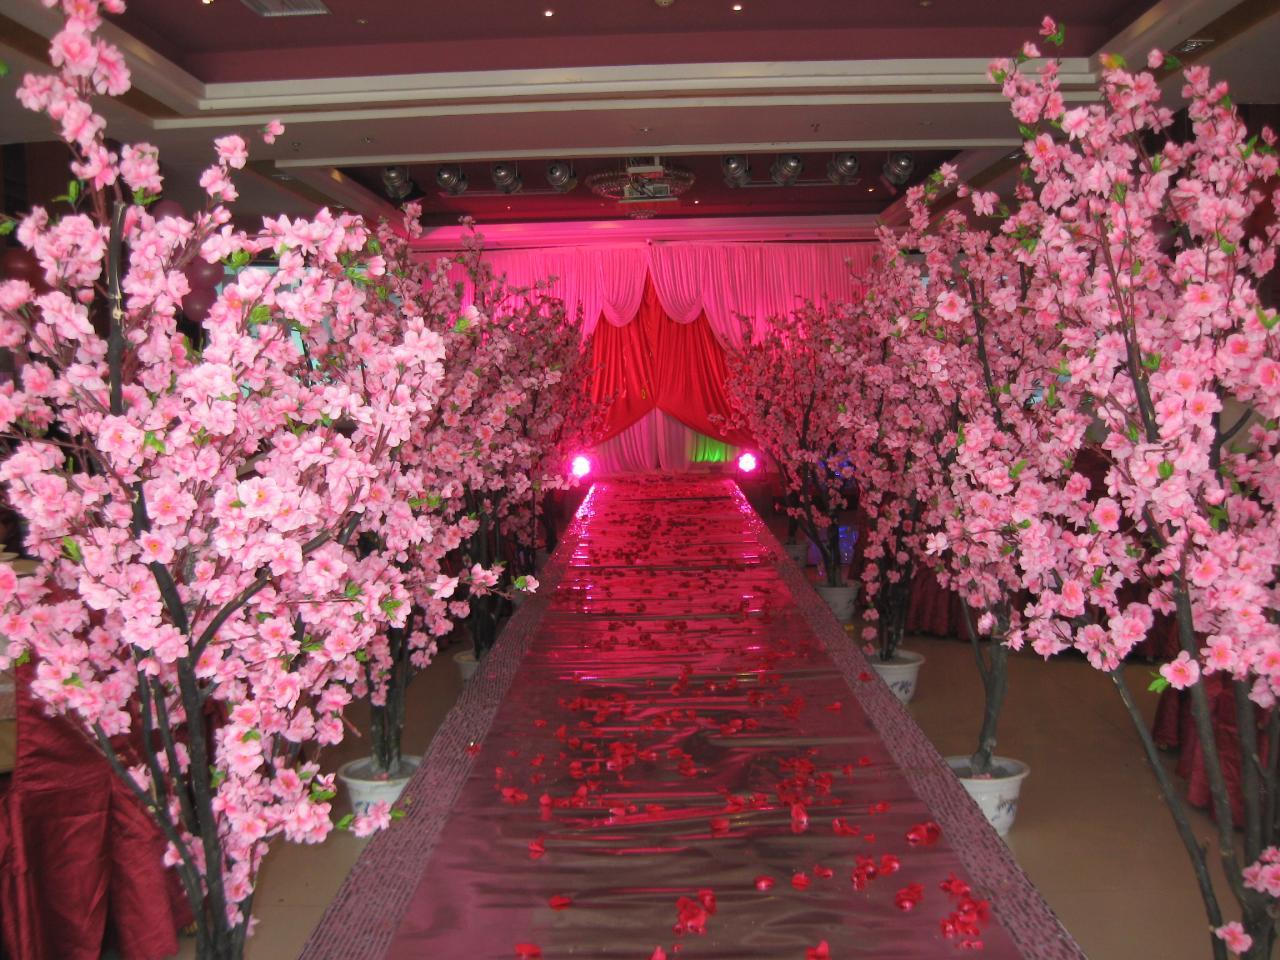 淘宝免费模板 > 粉色系婚礼【相关词_ 粉色系婚礼图片】   或许也想以